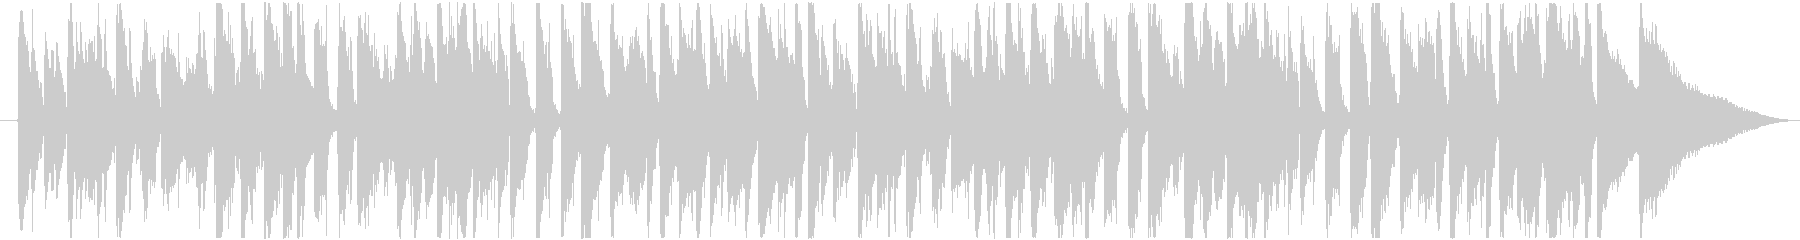 カントリー調のアコギジャズジングルの未再生の波形